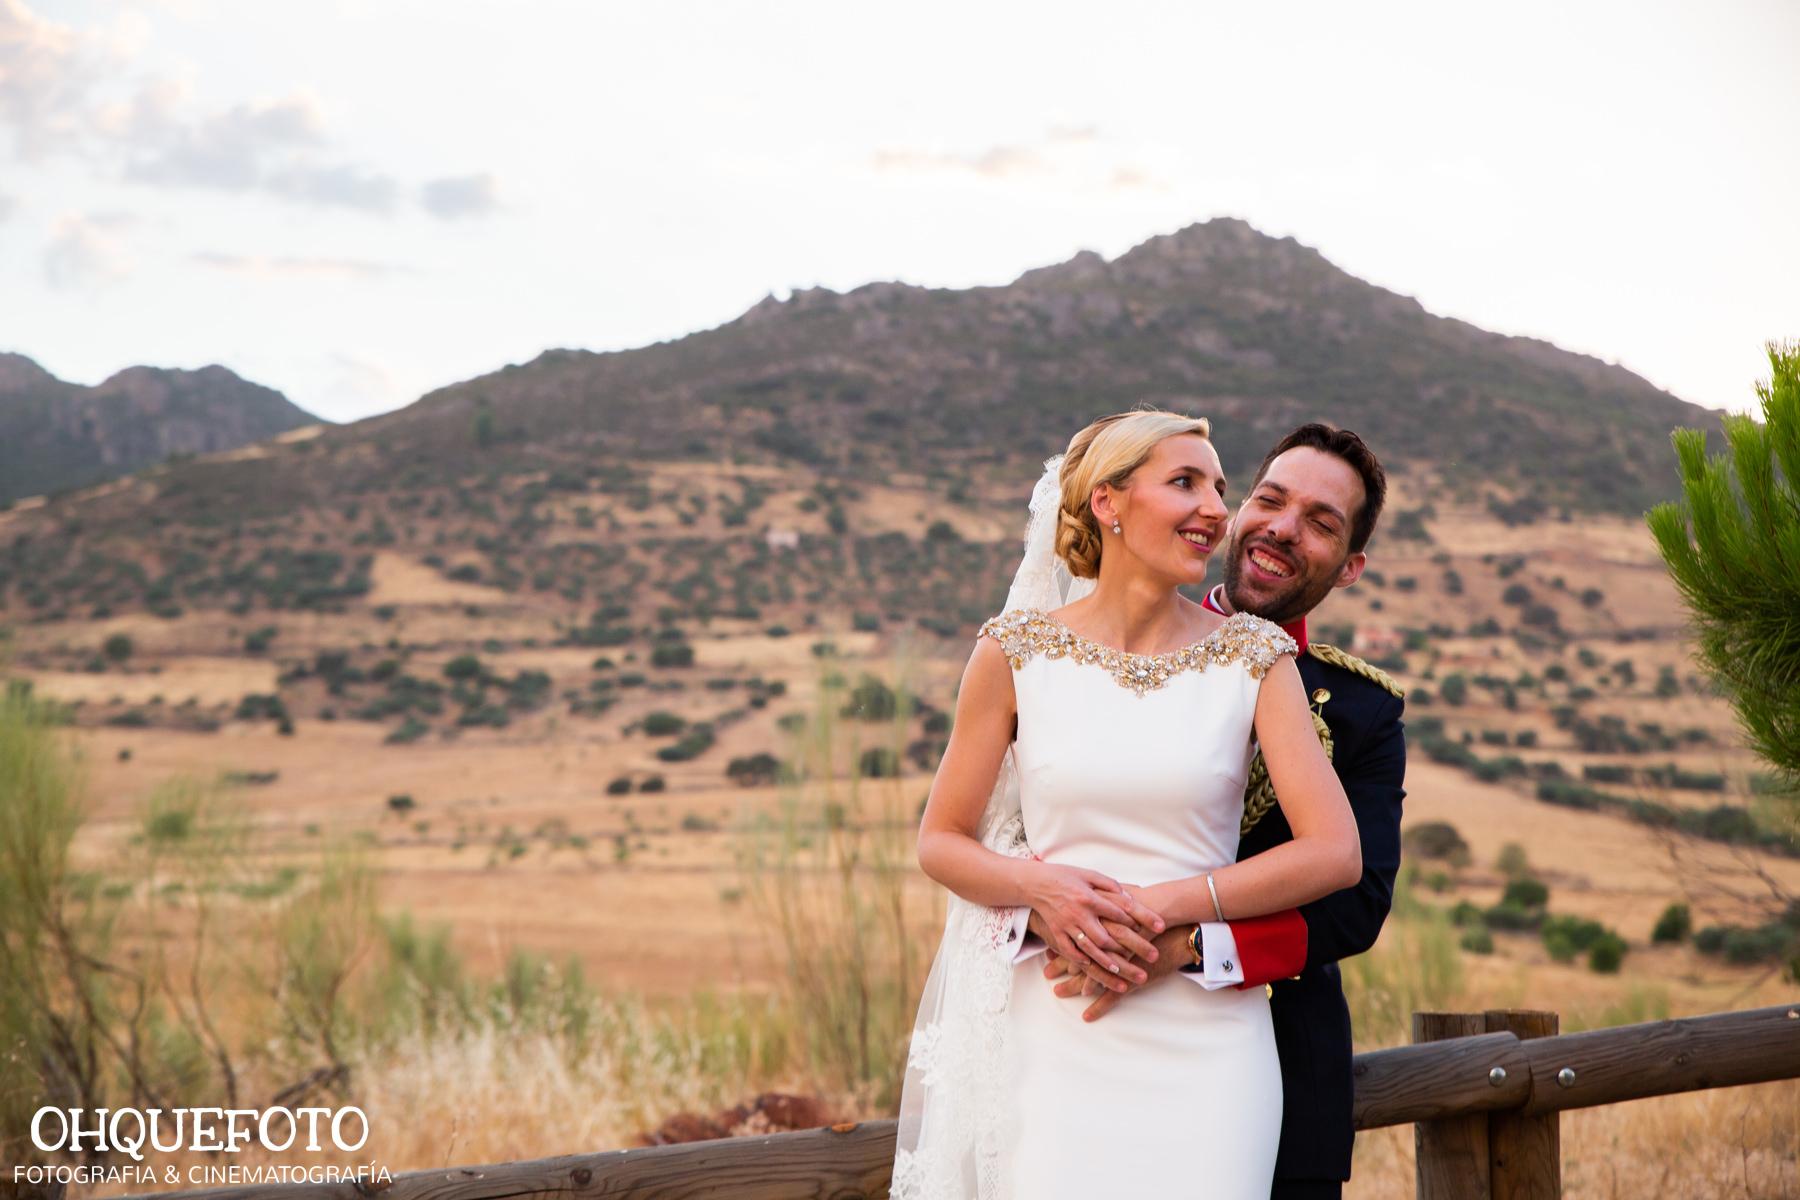 boda en la peraleda boda en cabeza del buey boda en capilla reportaje de bodas en almaden video de bodas en cordoba468 - Jose y Gema - Boda en Zarza Capilla y la Finca La Peraleda (Chillón)